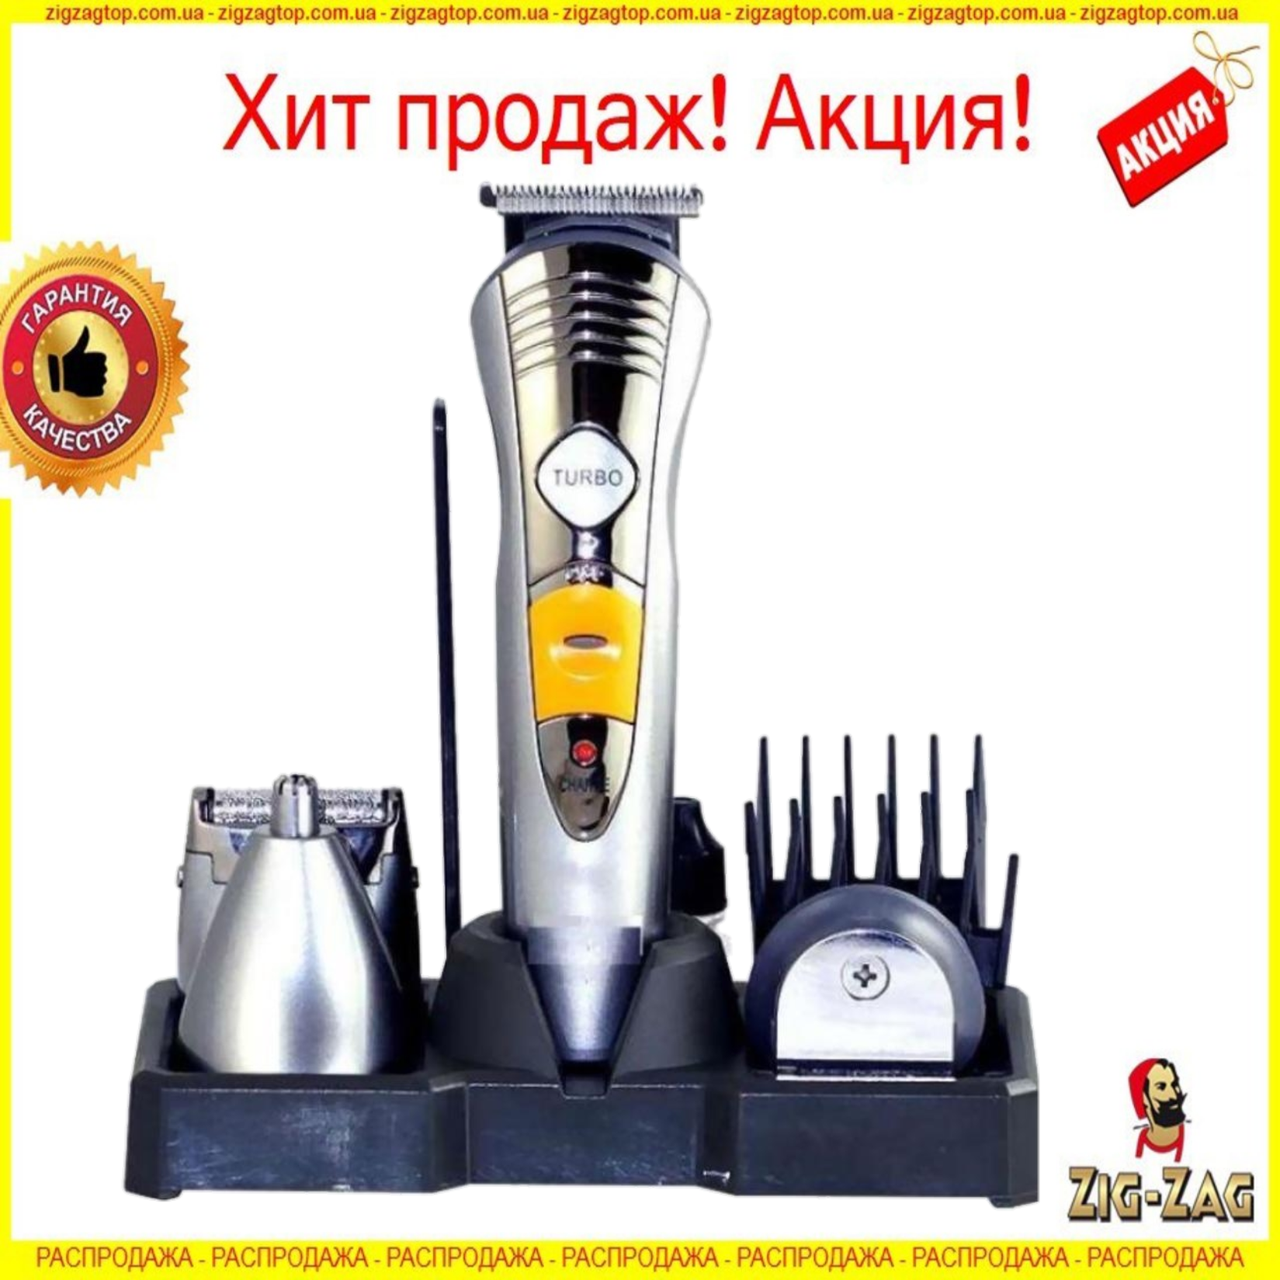 Универсальный мужской триммер Kemei А 580 7в1  для бороды усов носа и тела машинка для стрижки электробритва